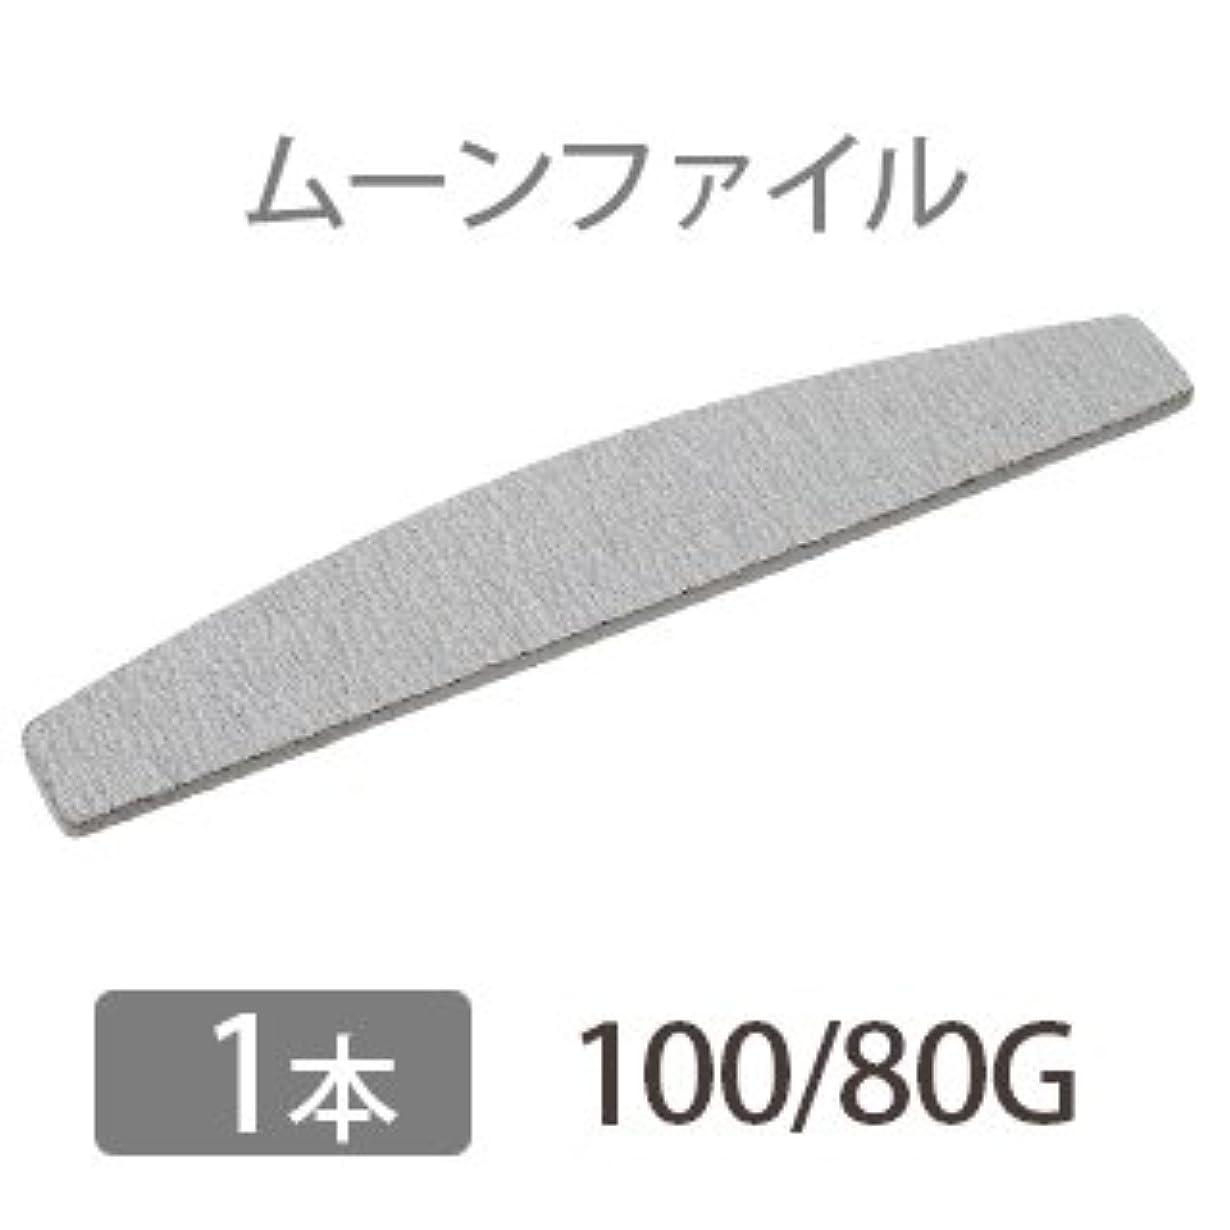 委任する破産インサートムーンファイル 100/80 【ネイル オフ ケア用品】